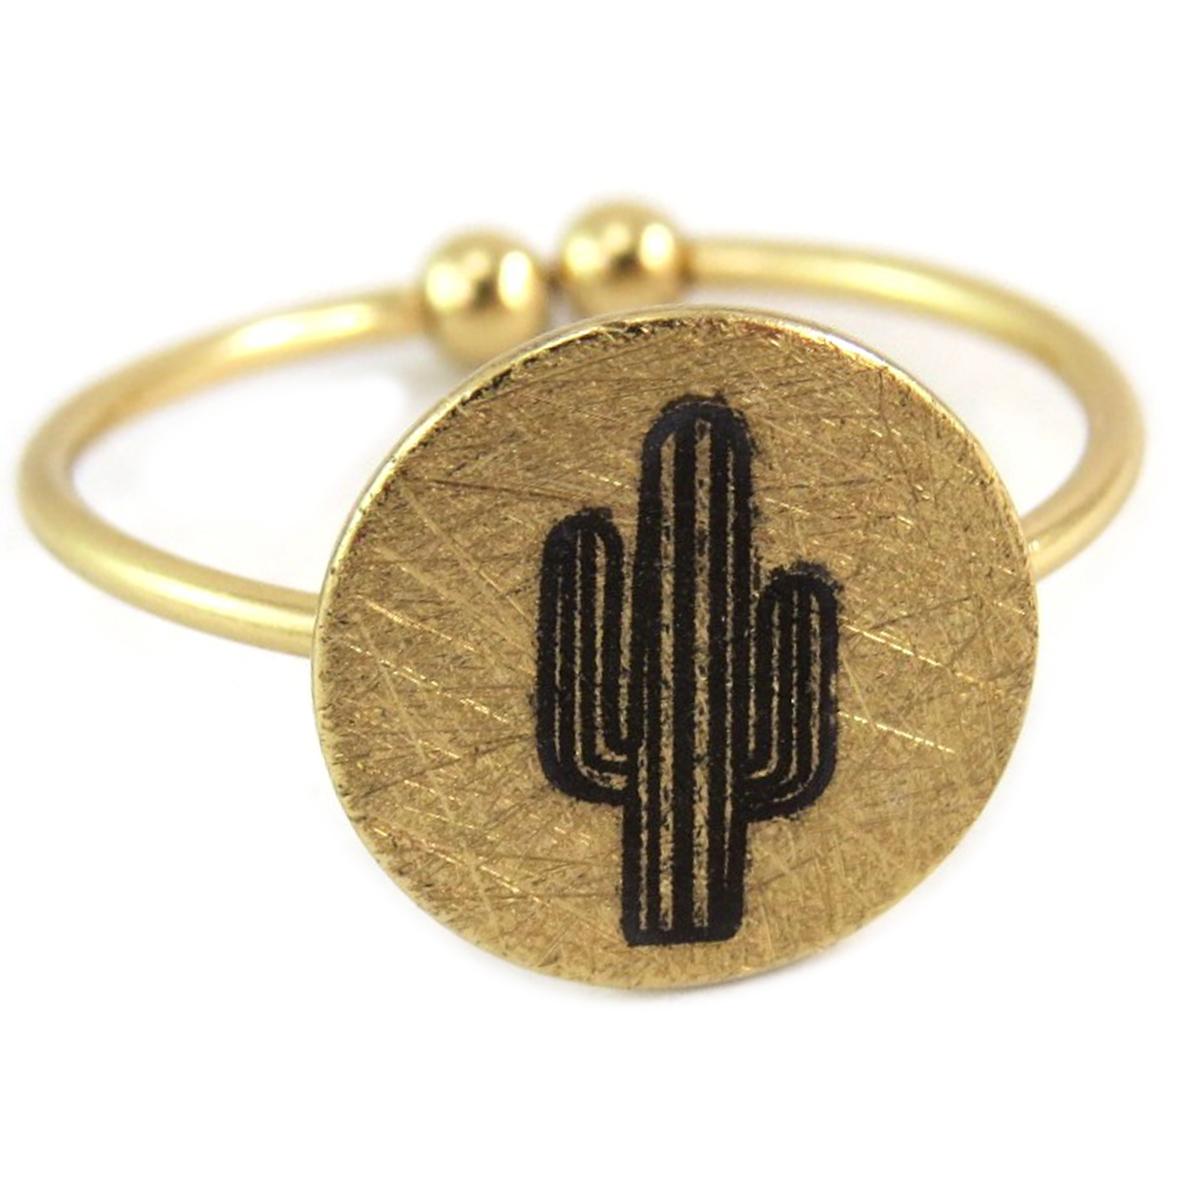 Bague artisanale \'Cactus\' doré - 11x11 mm - [Q6226]